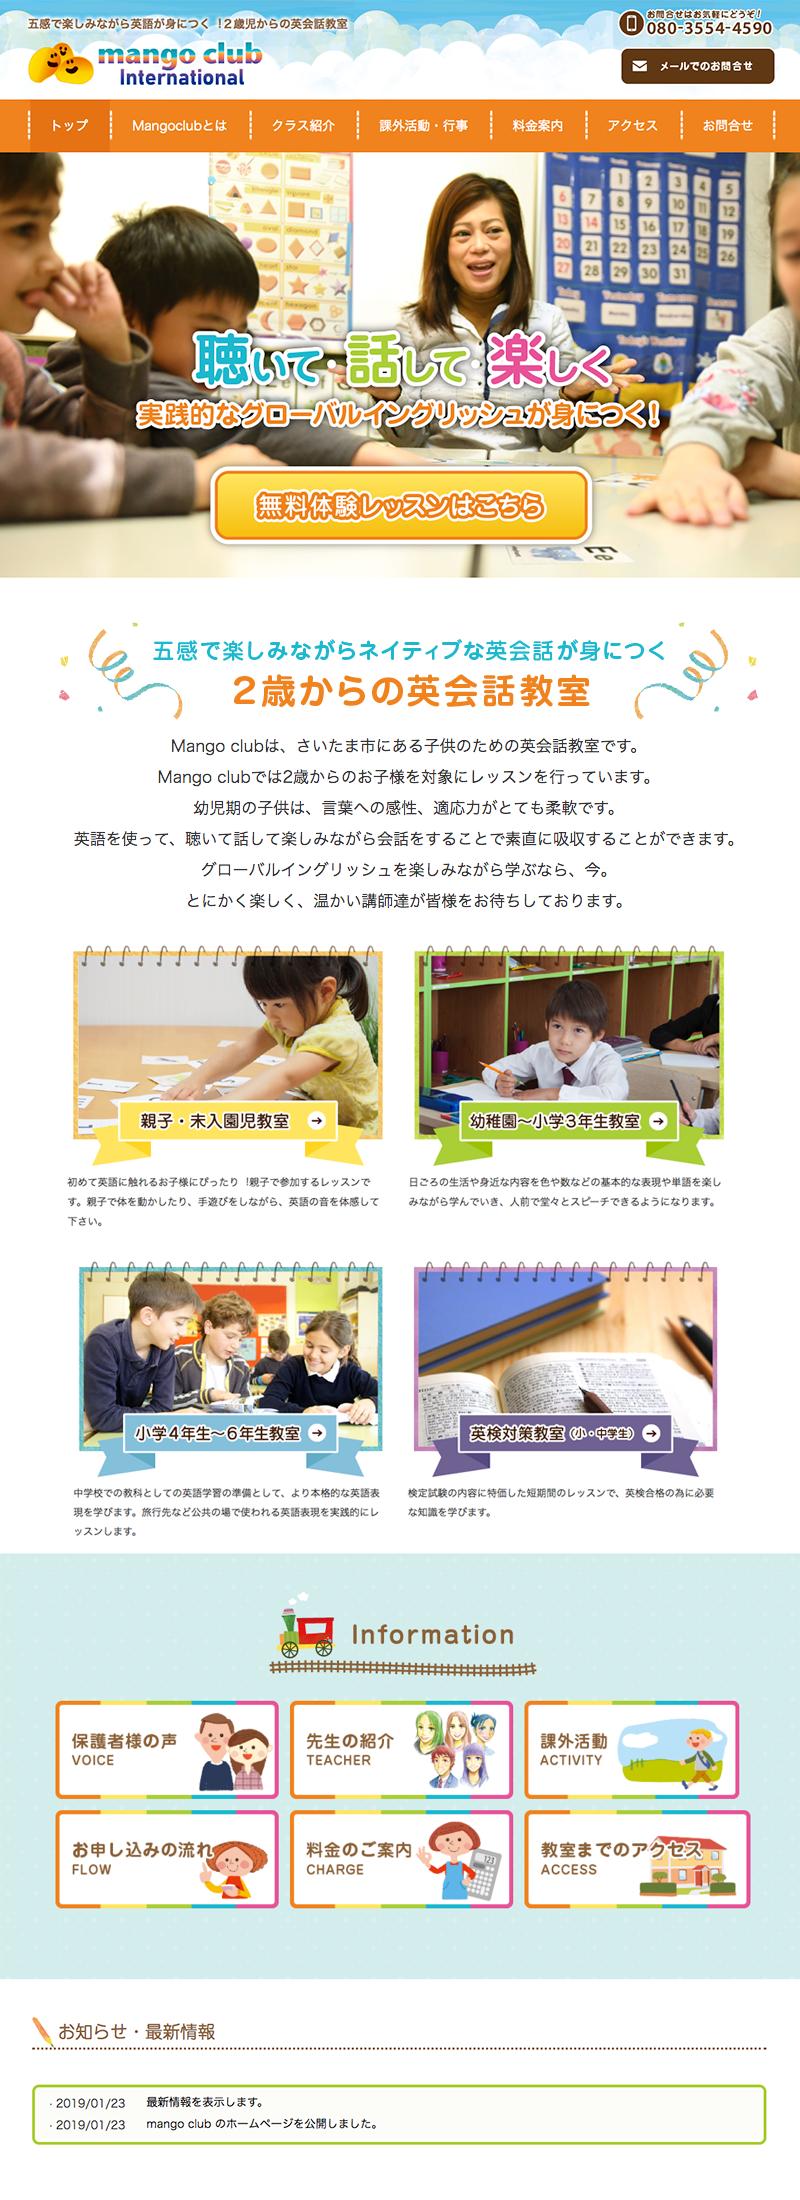 【制作事例】さいたま市の英会話教室 mangoclub(マンゴクラブ)